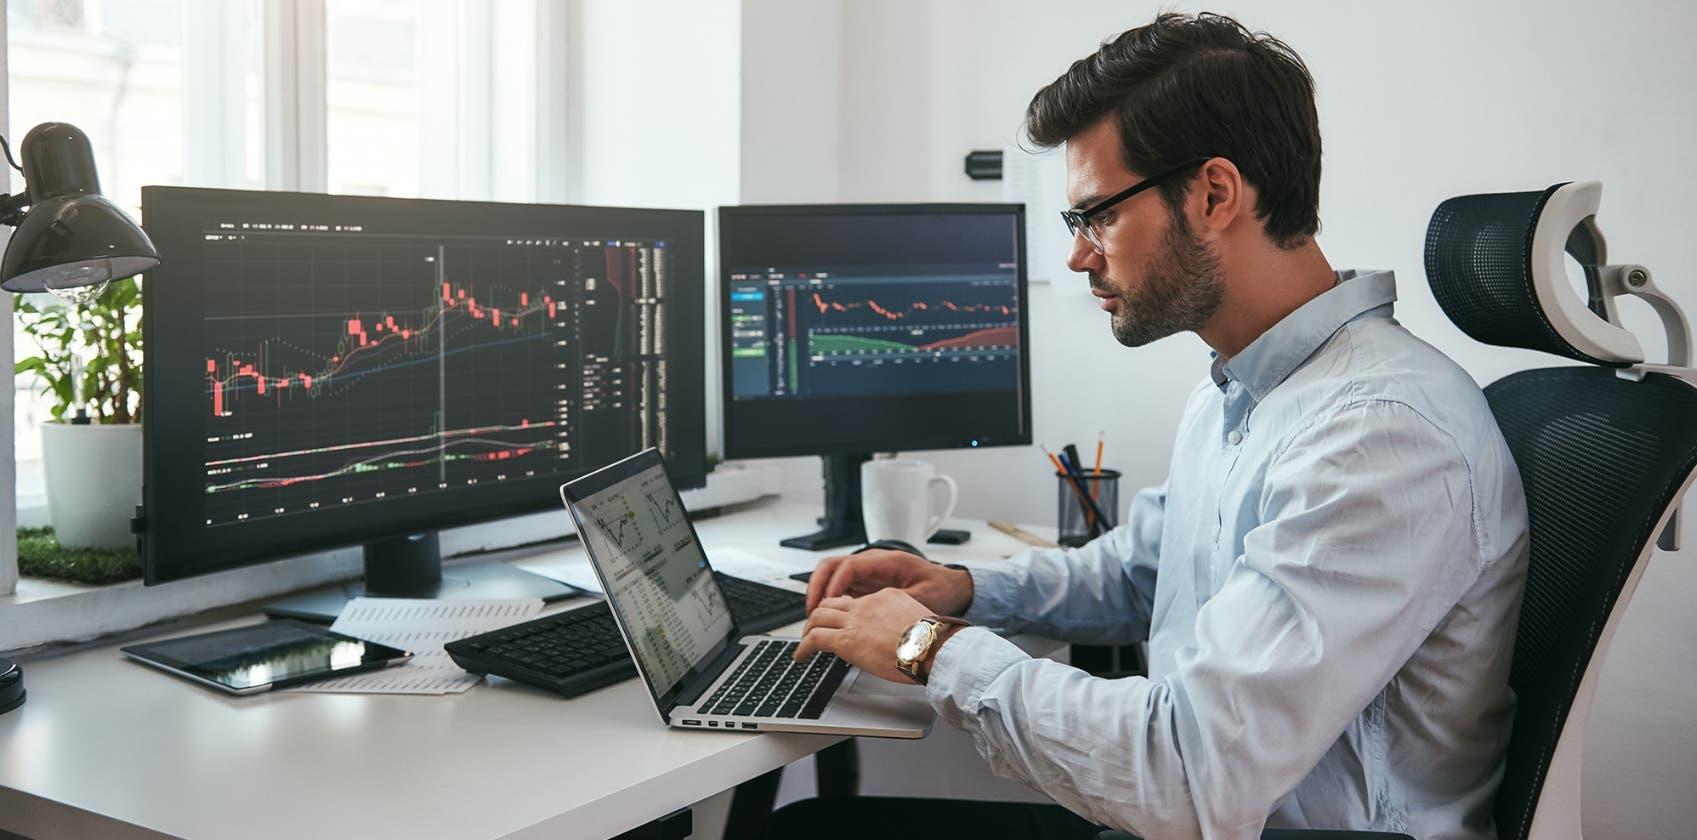 La necesidad de dinero rápido puede atrapar a inversionistas incautos en negocios turbios